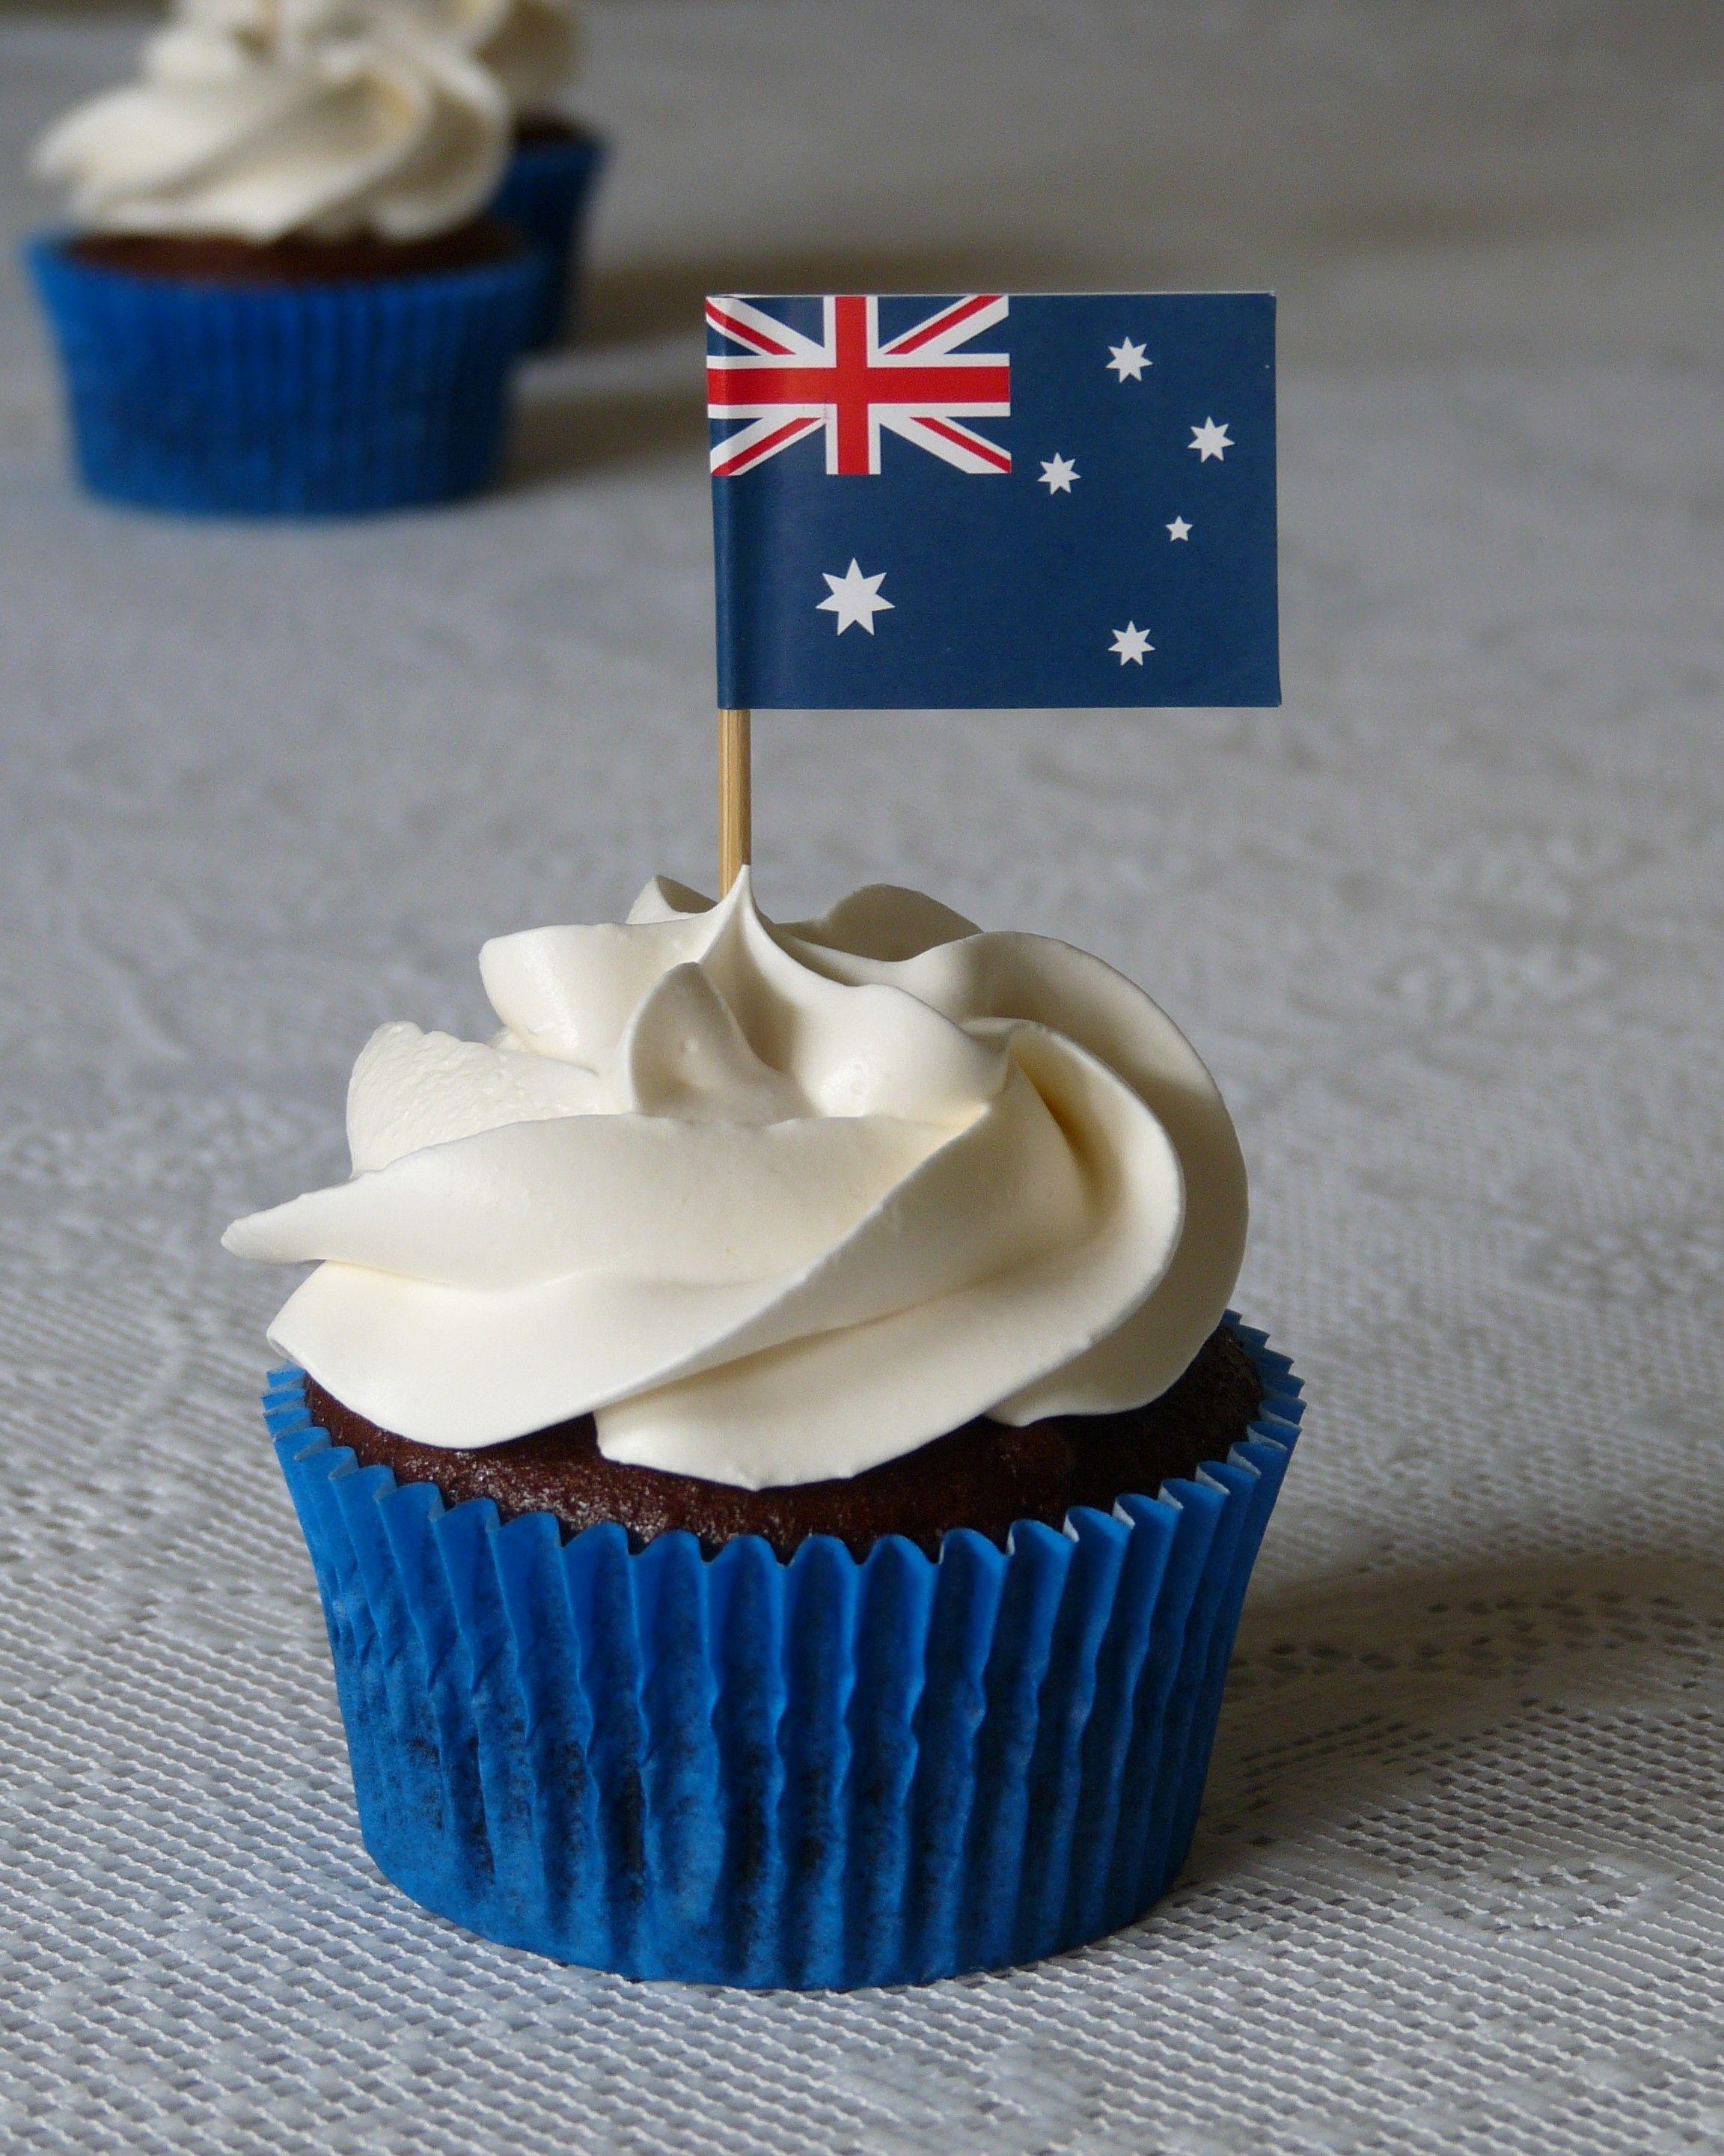 Australia Day Cupcakes With Images Australia Cake Australia